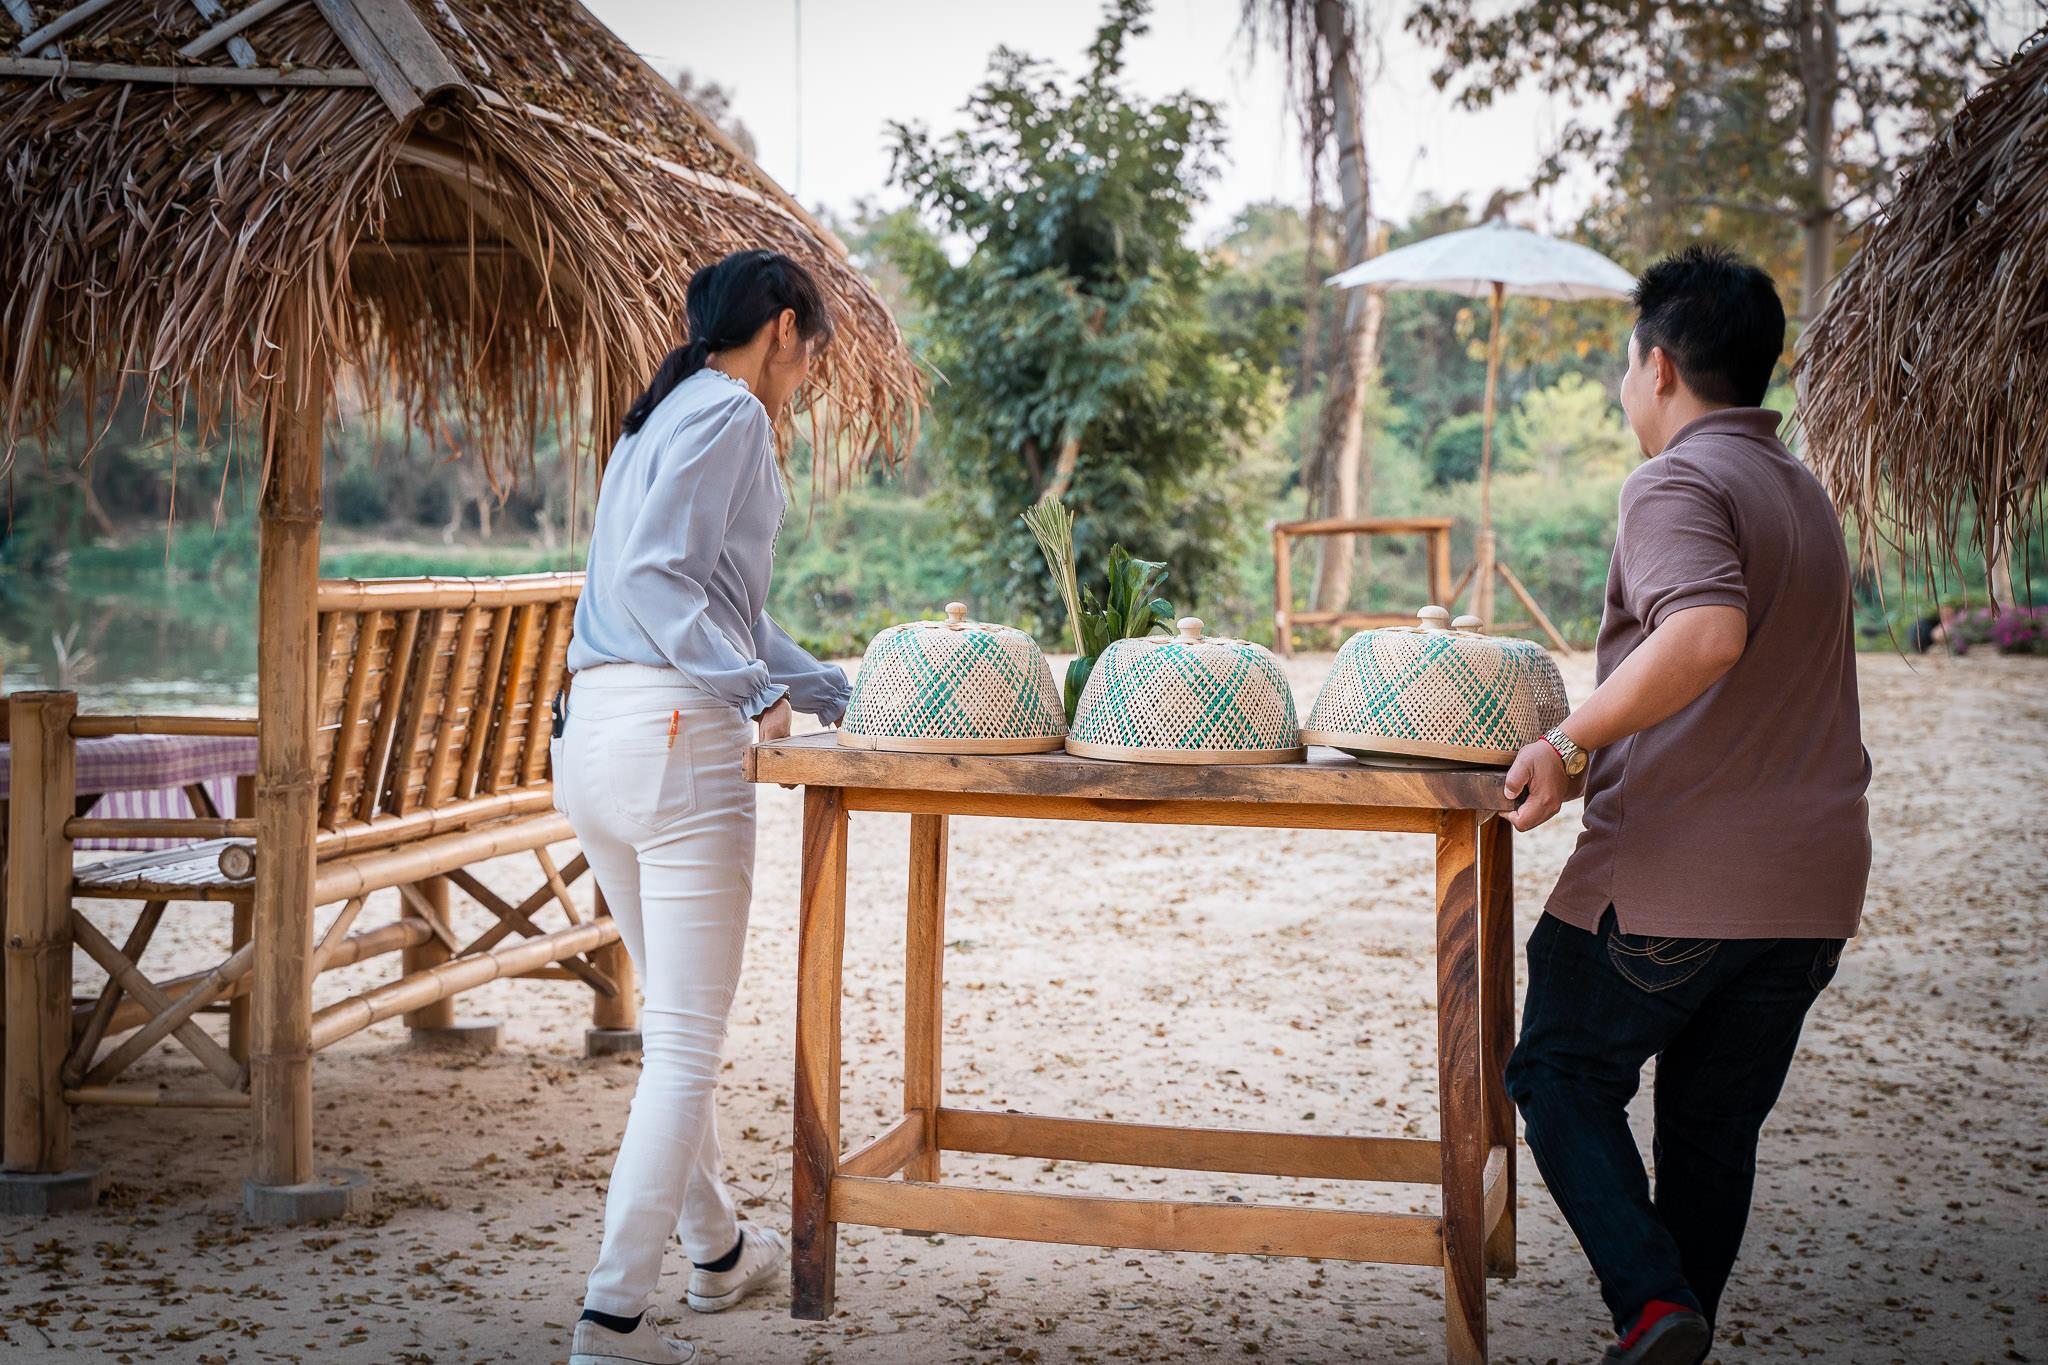 2019-02-10 - Vegan Town Lampang-Maik-Kleinert-photographer-videographer-72-2048px.jpg